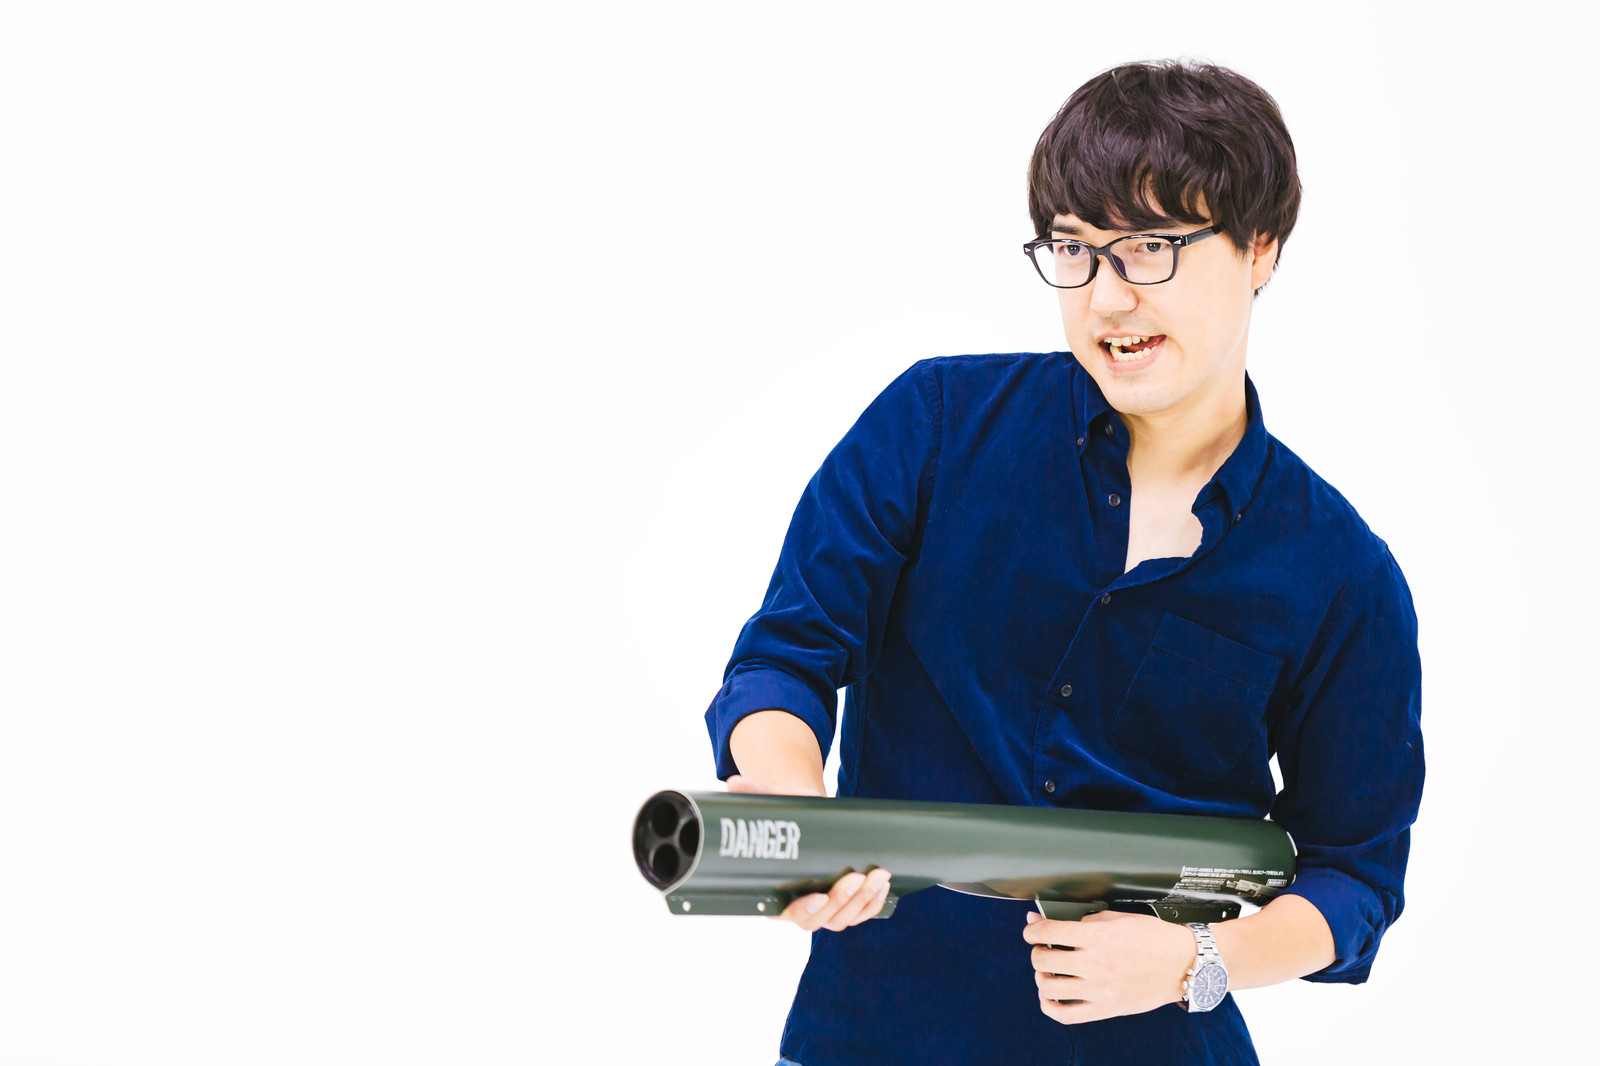 「バズーカ砲をぶっぱなすメガネ君」の写真[モデル:真崎真幸]